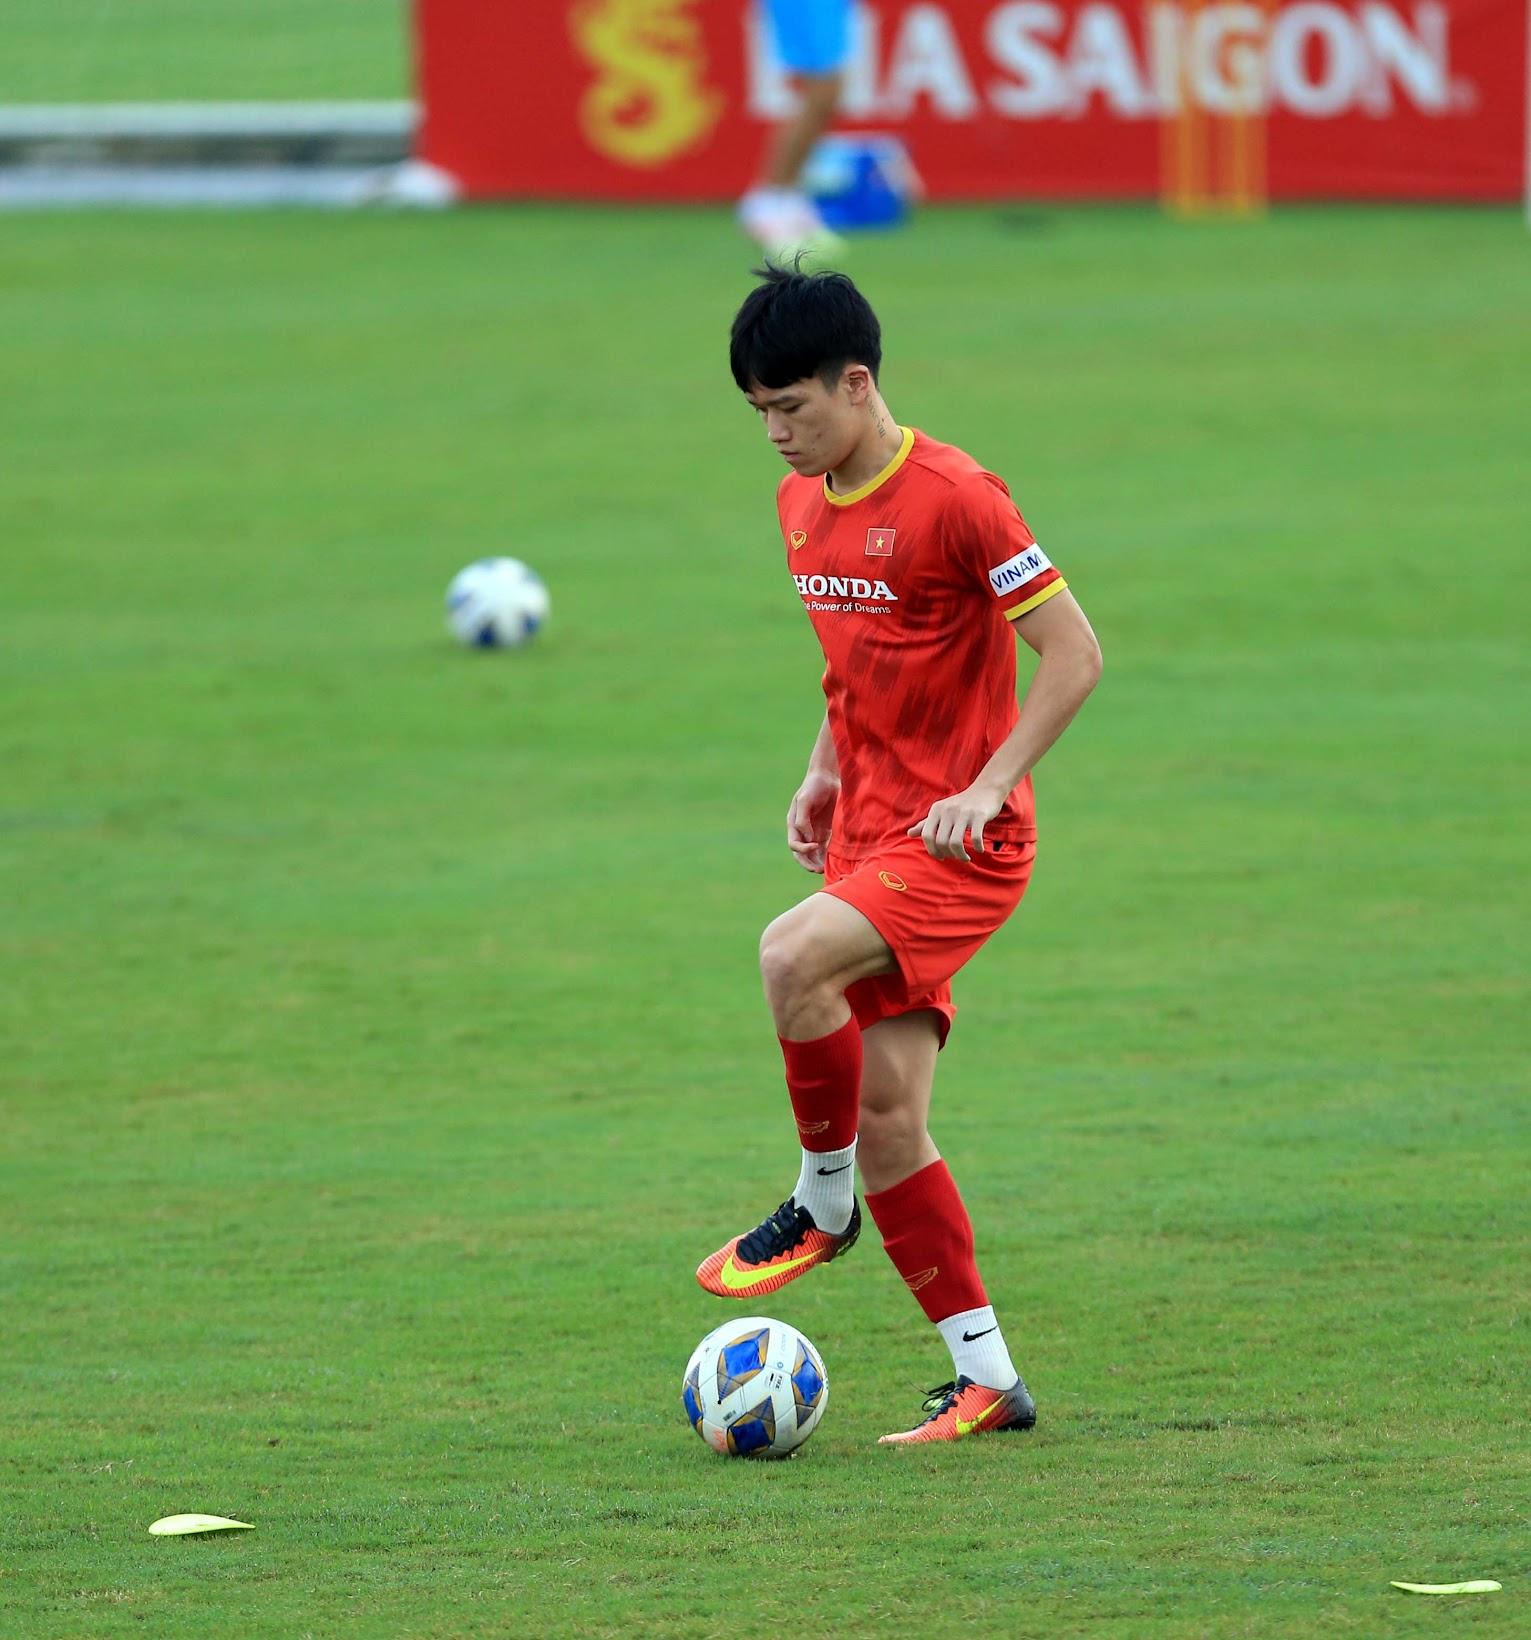 Tuấn Anh và đồng đội hào hứng khi trở thành thủ môn bất đắc dĩ cho tuyển Việt Nam - ảnh 28